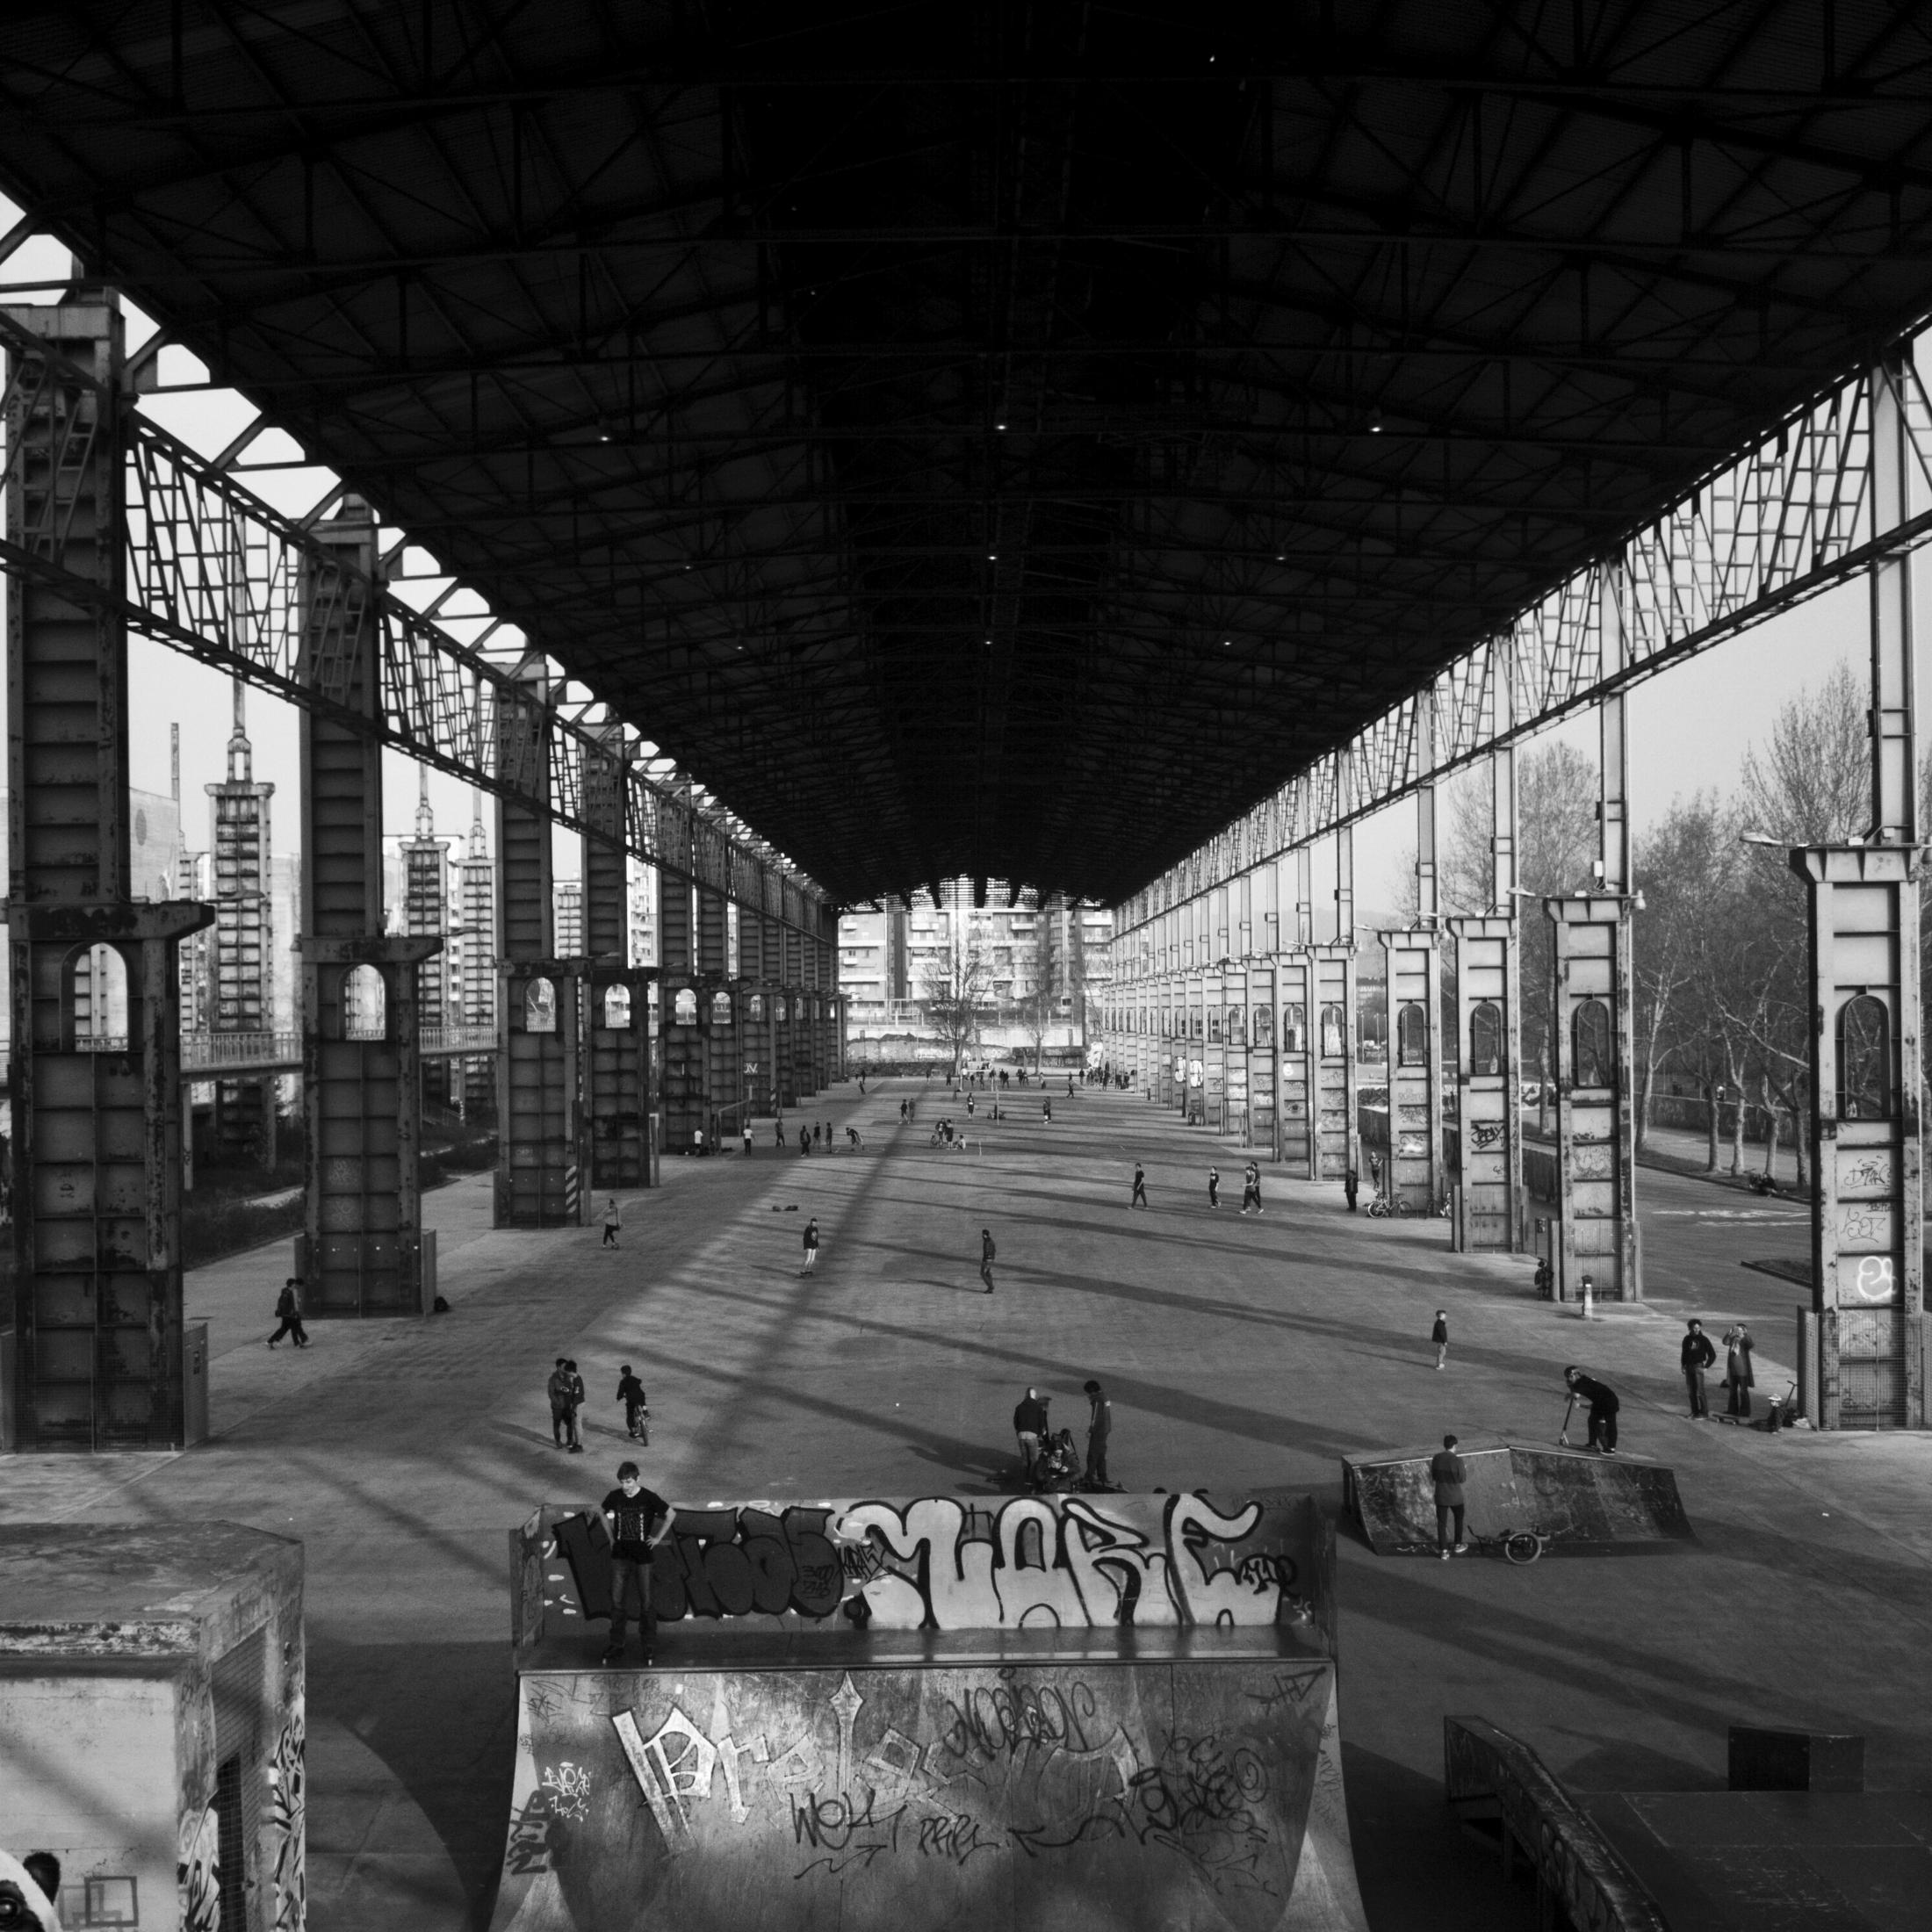 Turín entre columnas de hierro |Fotografía: Diego Sánchez